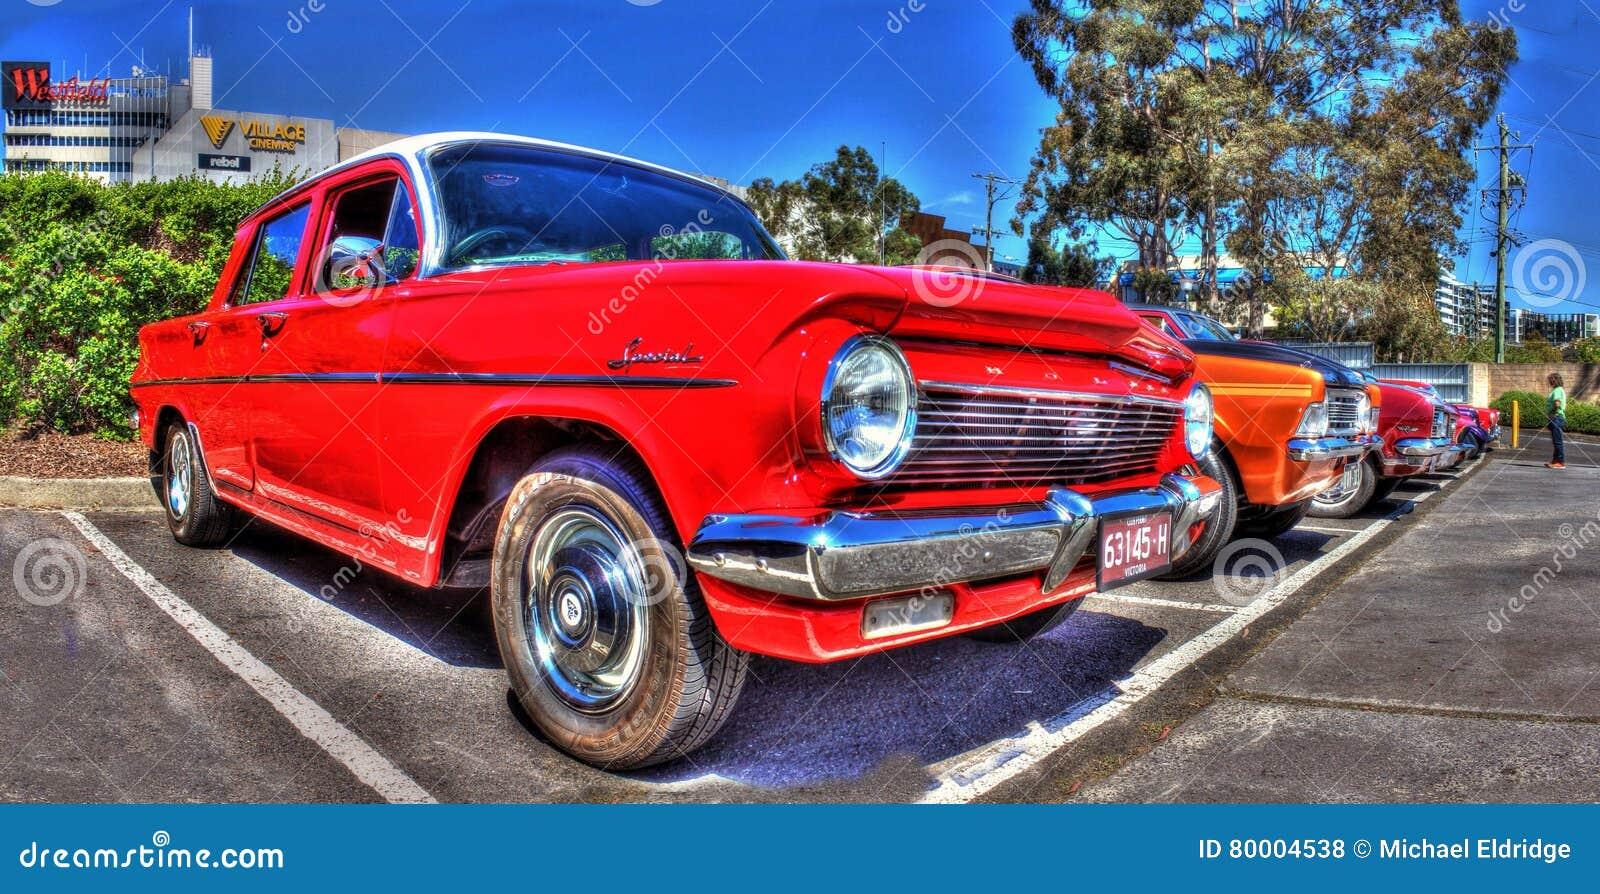 1960s classic australian holden car editorial stock photo for Holden motor cars australia